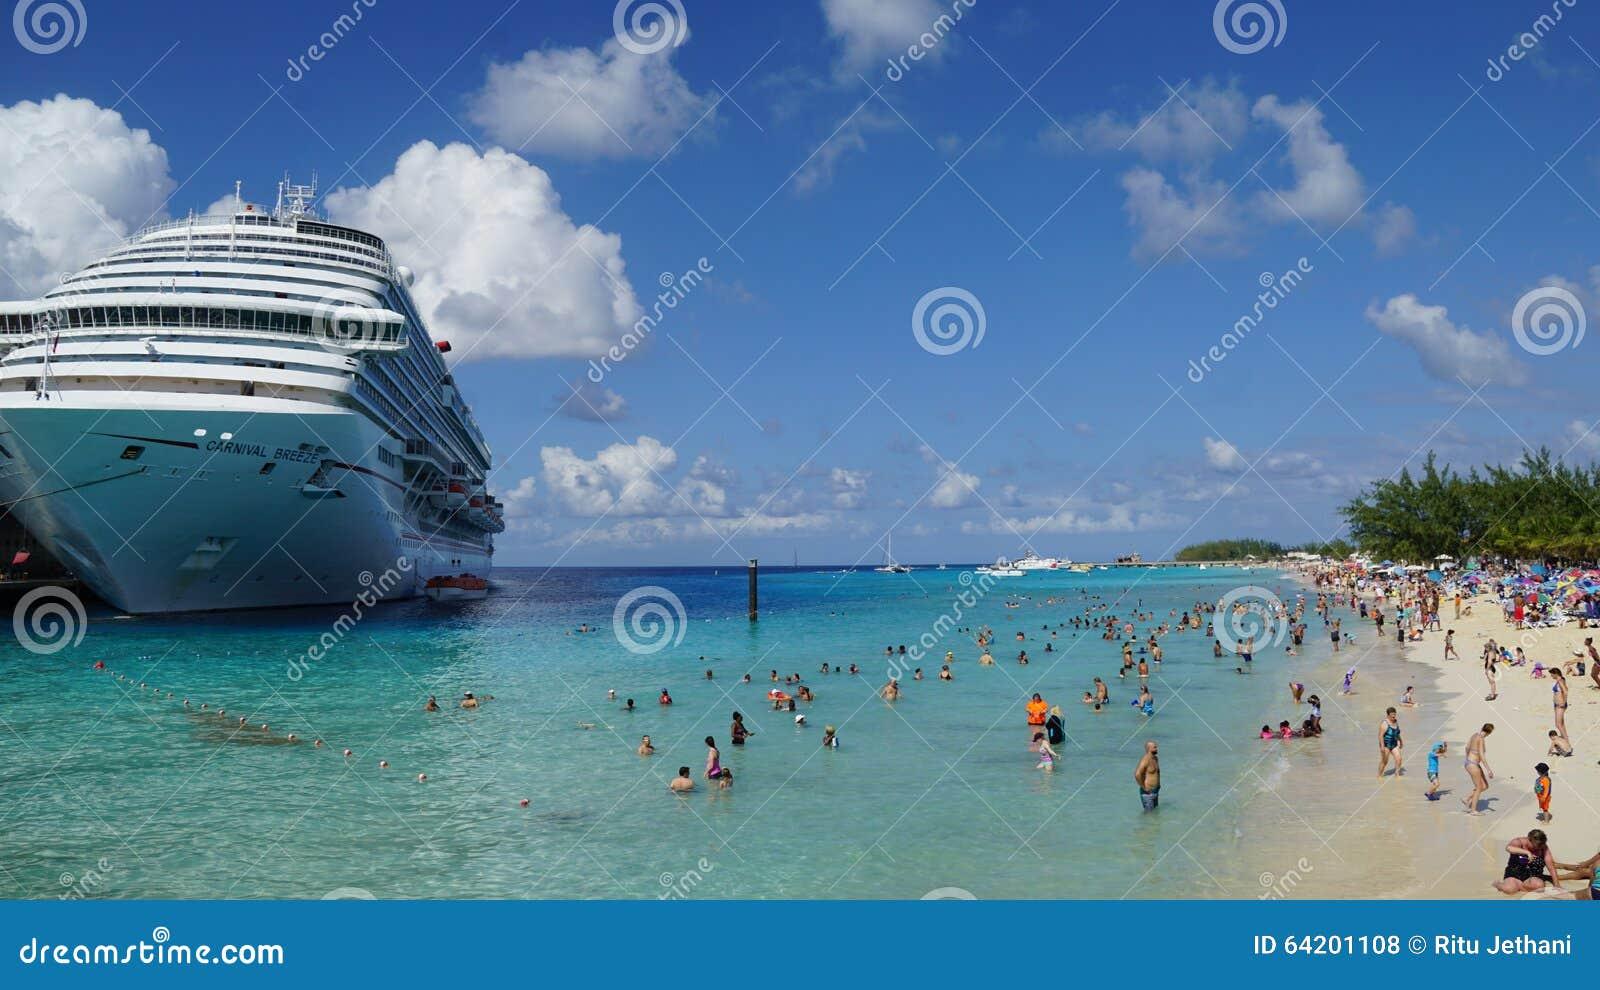 La brisa del carnaval atracó en el turco magnífico, Turks and Caicos Islands